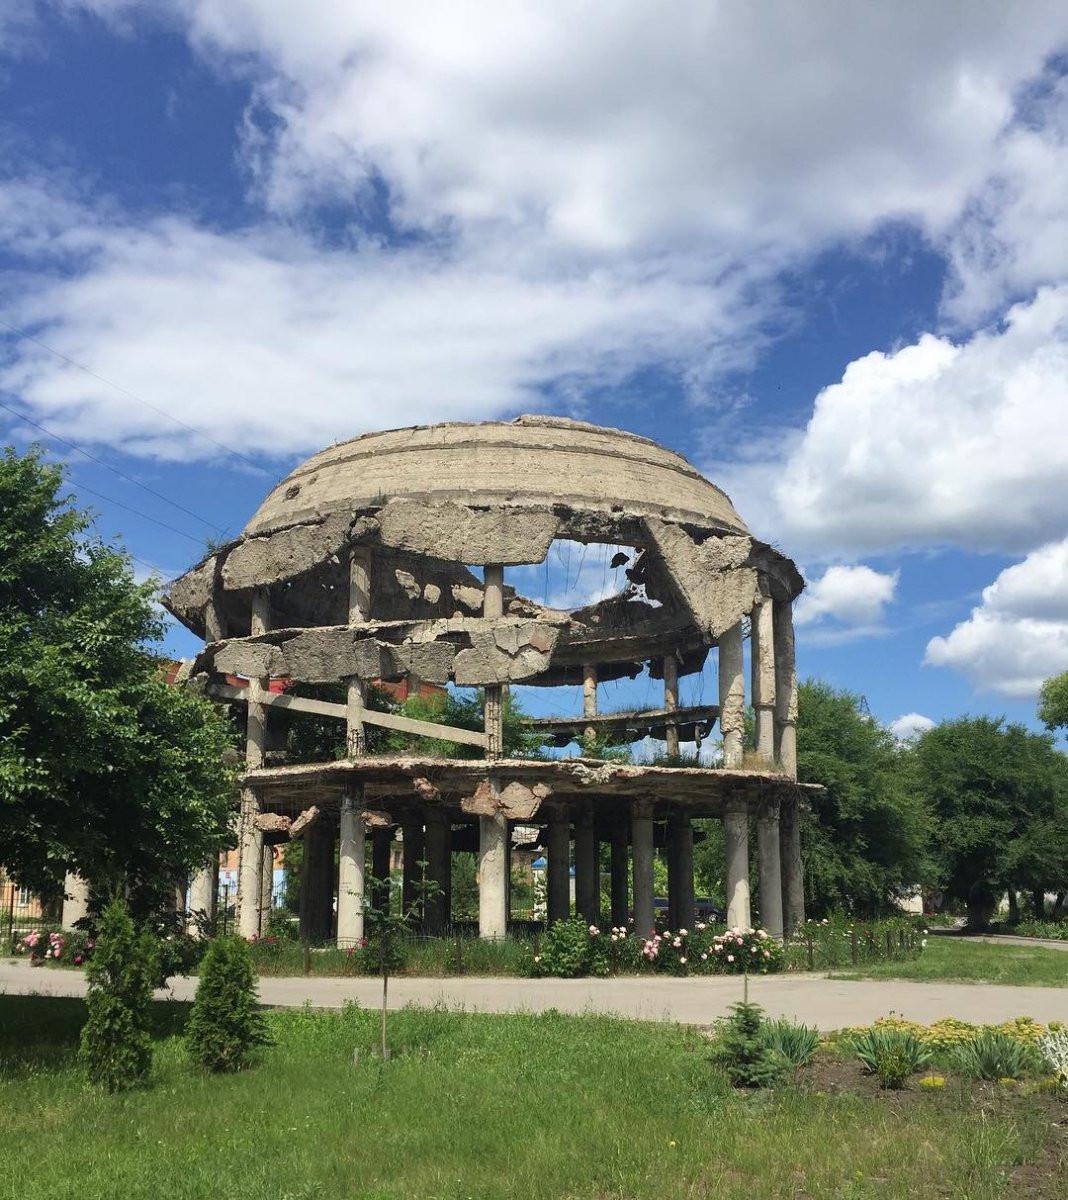 Фото: Памятник Ротонда